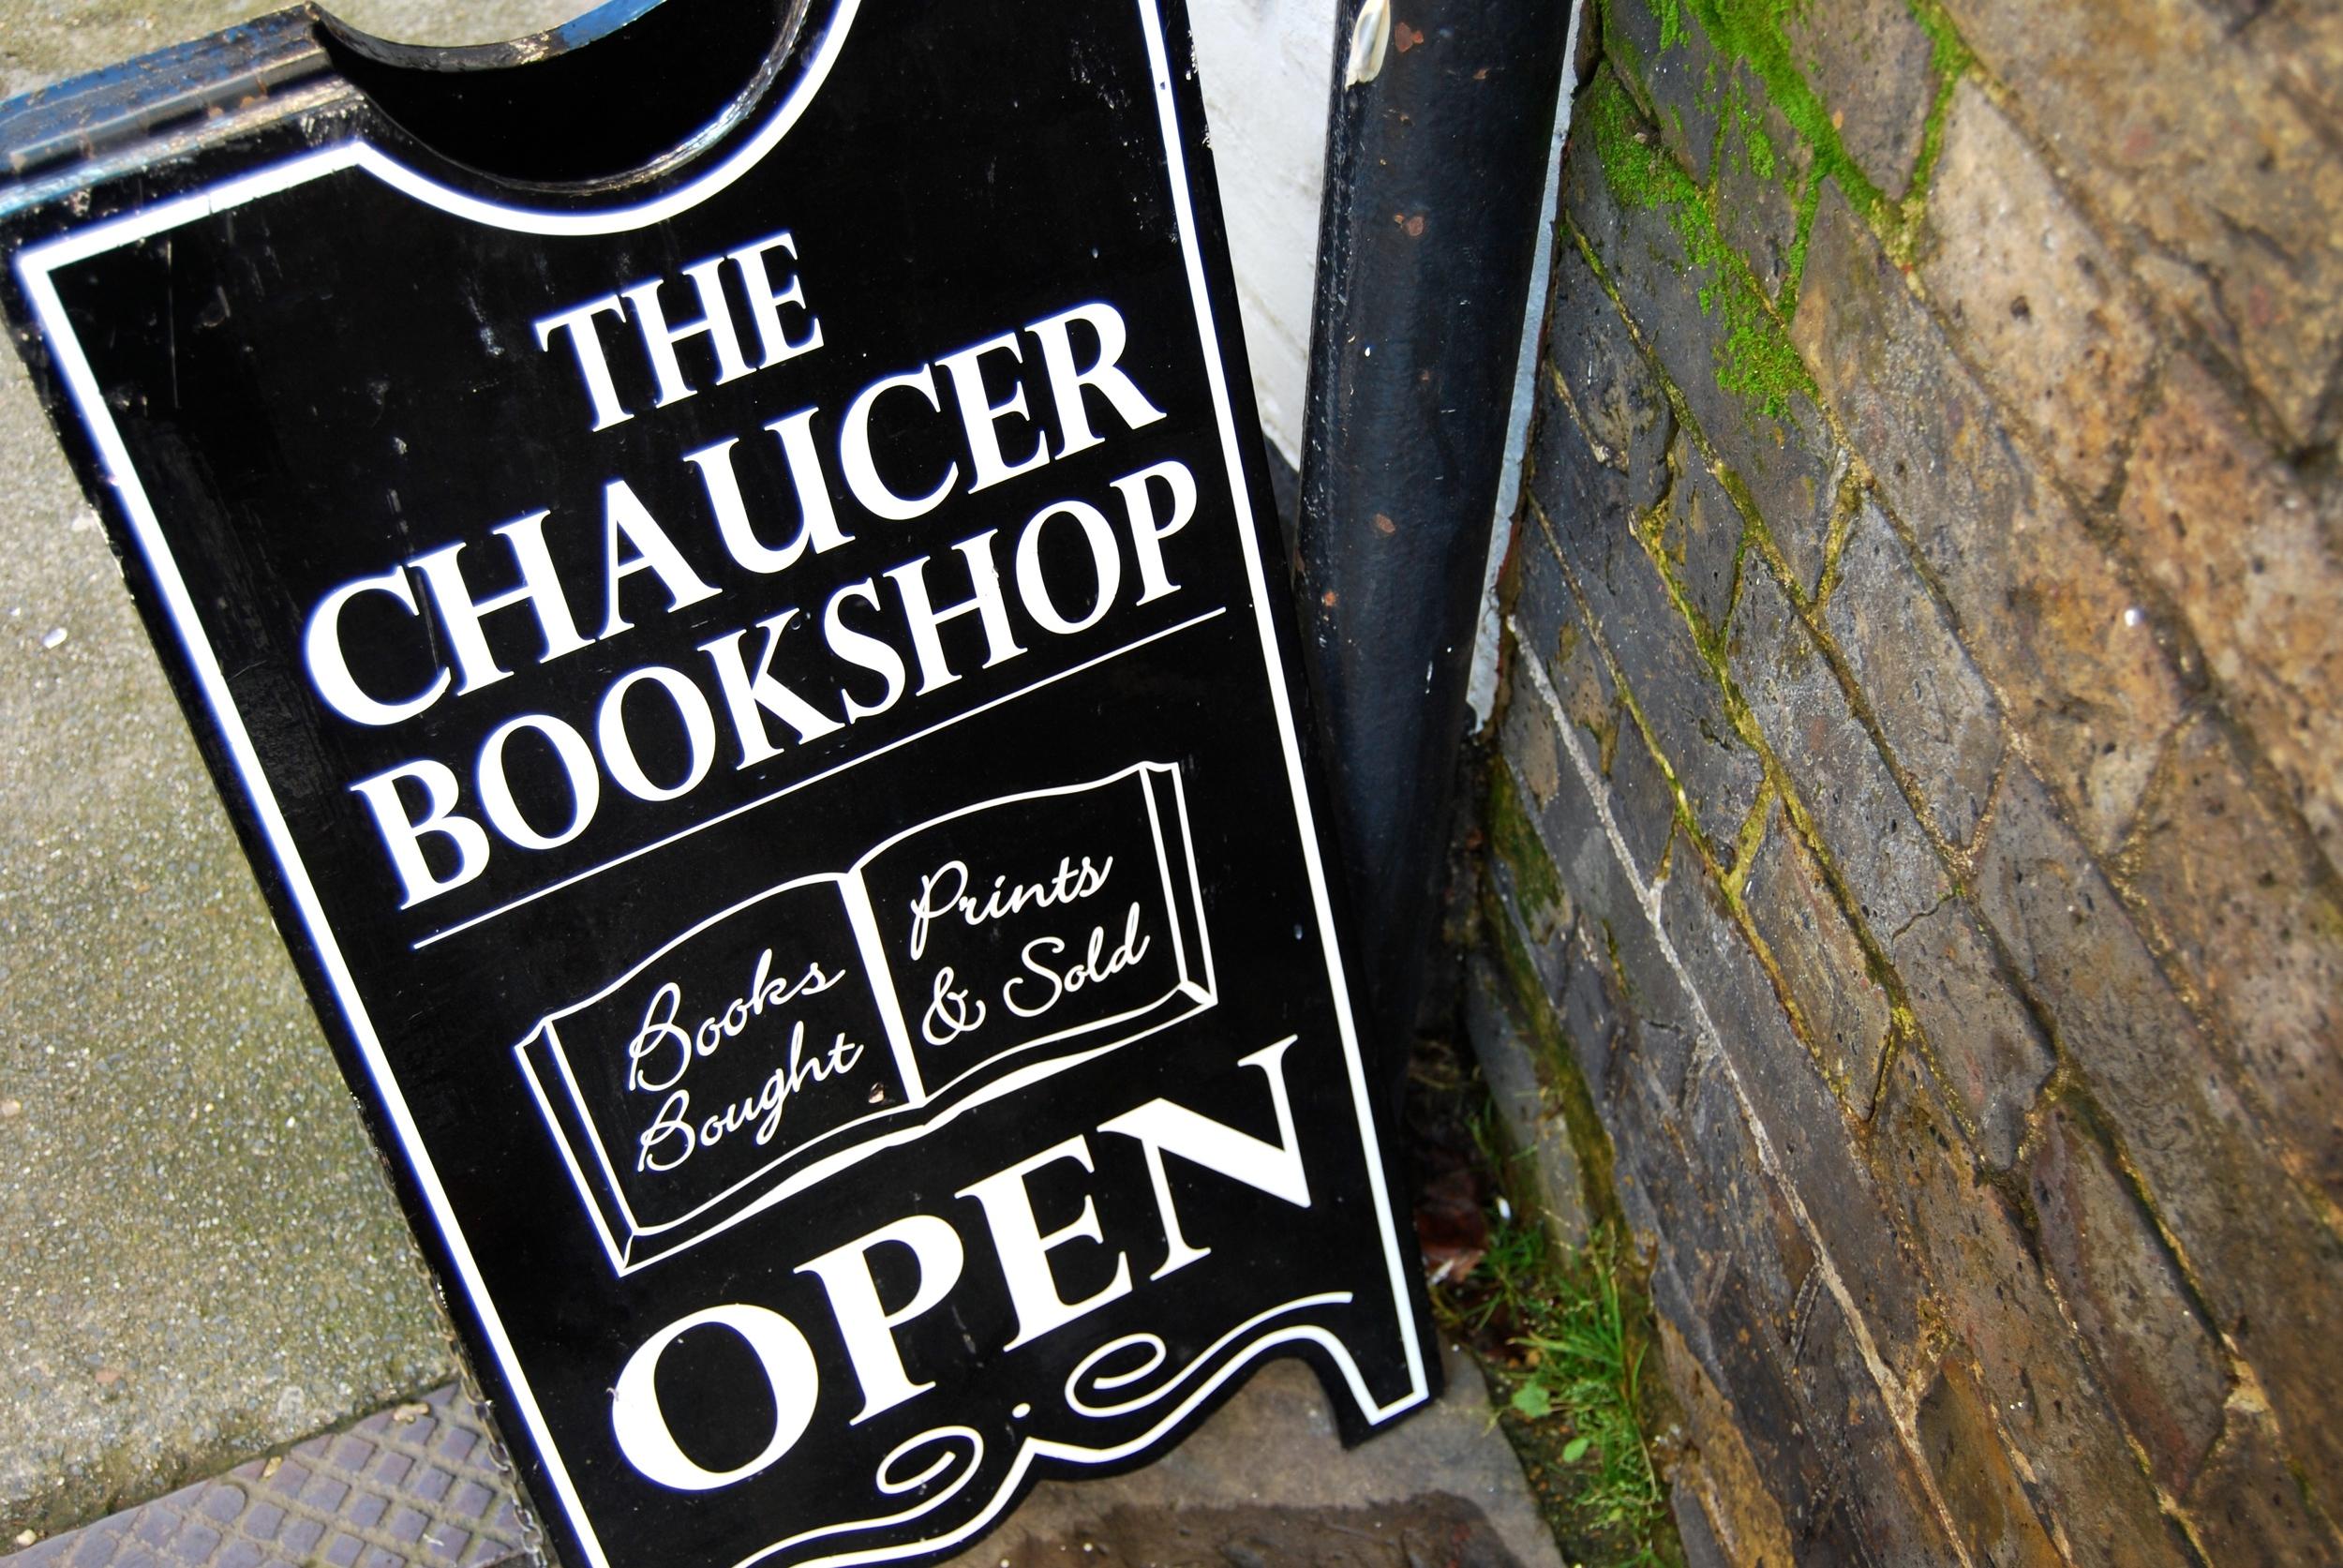 The Chaucer Bookshop.JPG